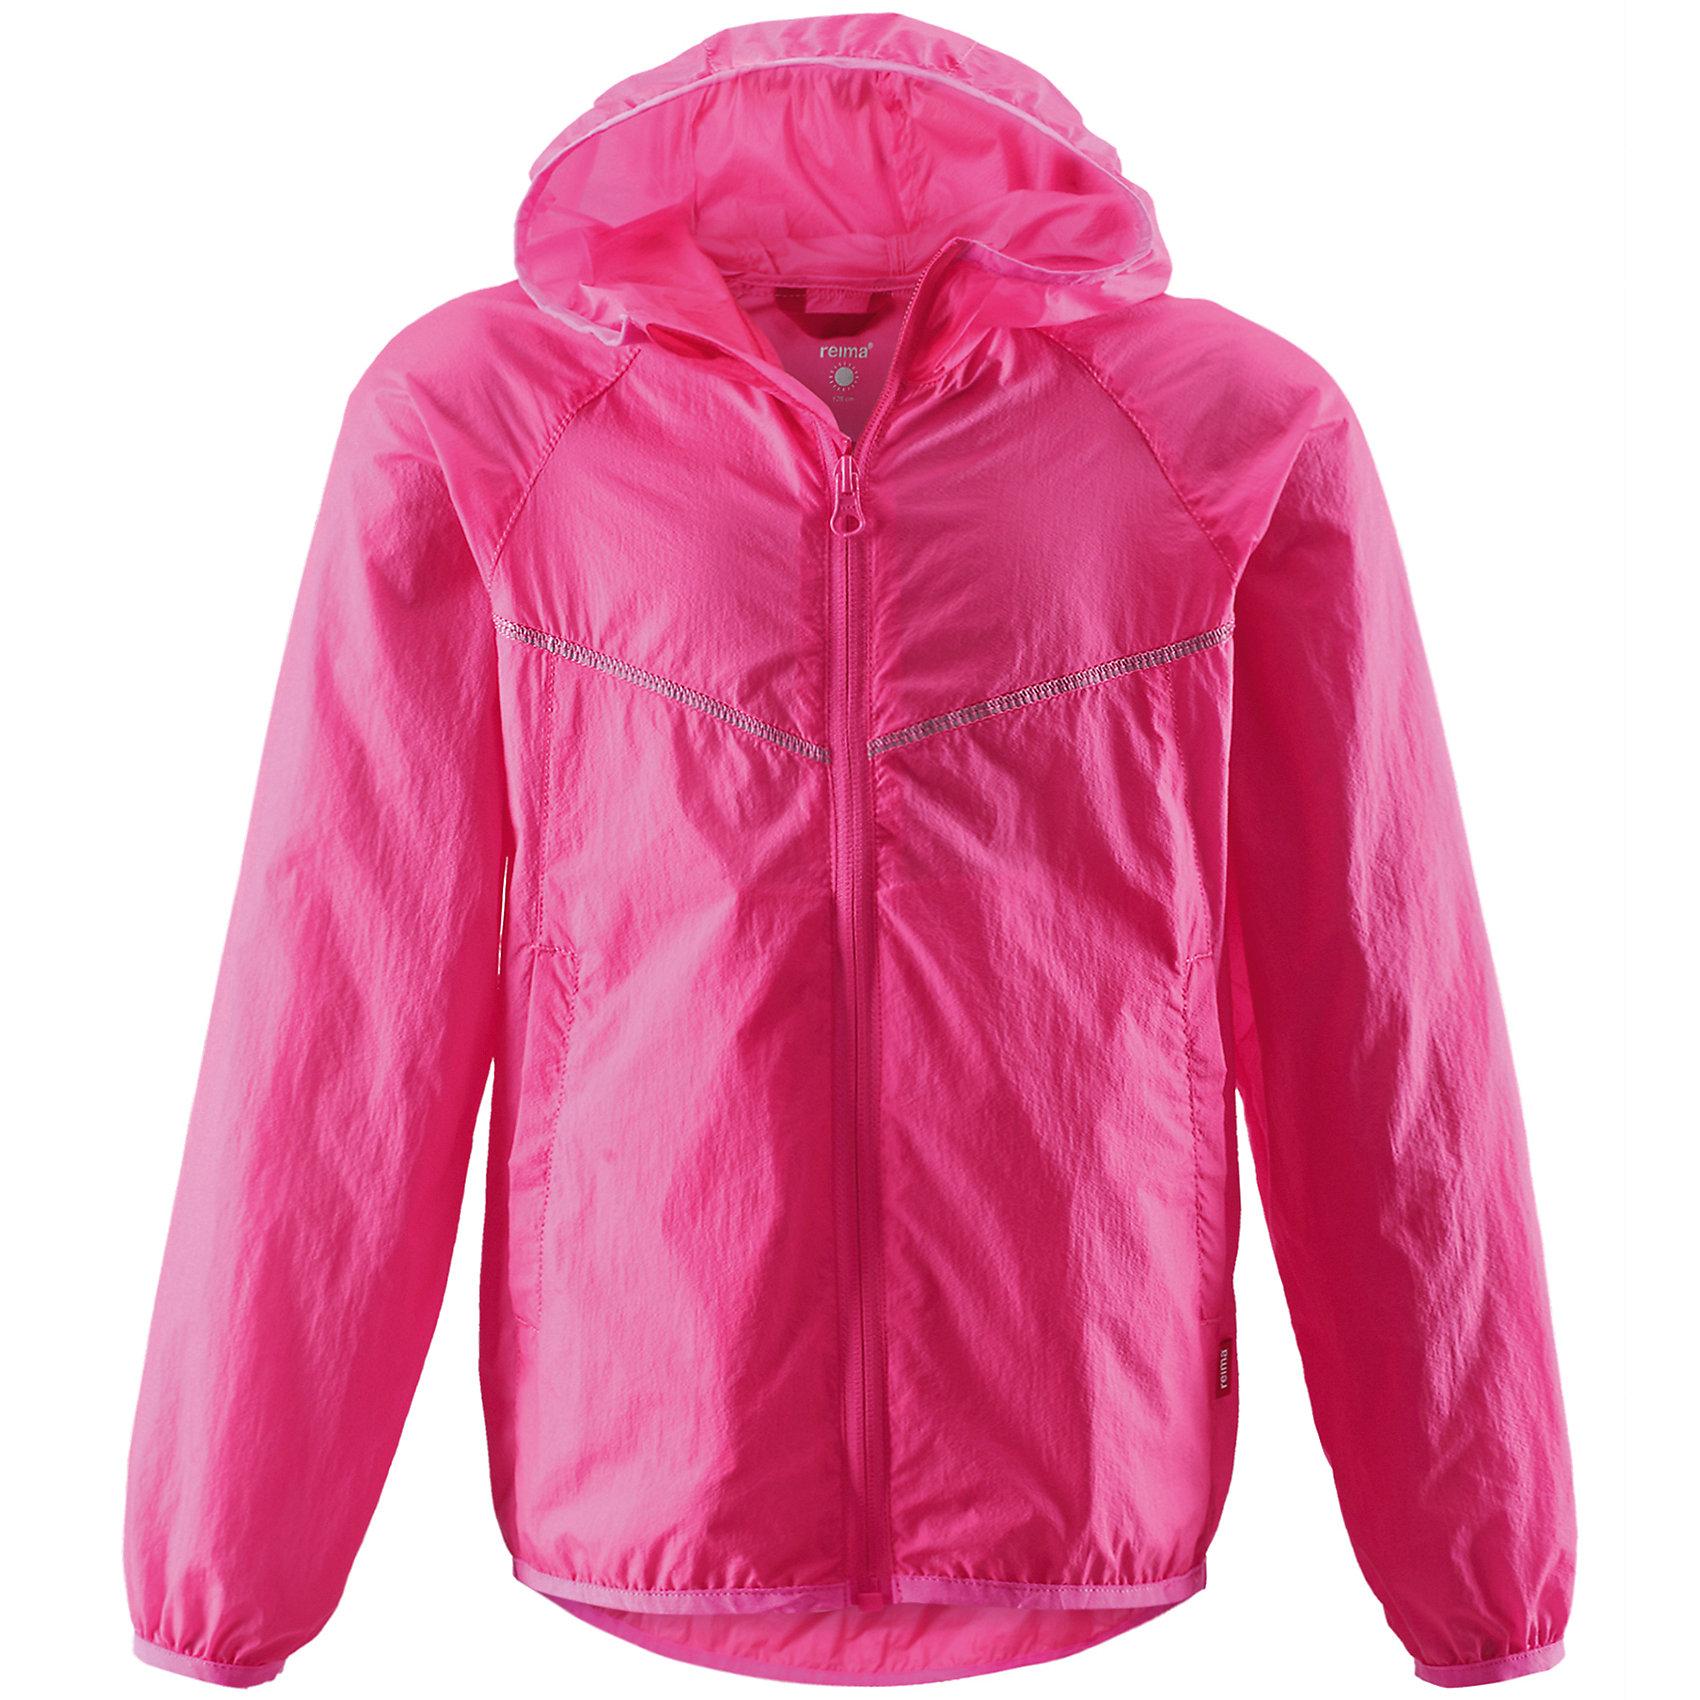 Куртка для девочки ReimaКуртка от финской марки Reima.<br>*Куртка для подростков*Облегченный материал!*Эластичная резинка на кромке капюшона, манжетах и подоле*Возможность сложить куртку в ее собственный карман*Два боковых кармана<br>Состав:<br>100% ПА<br><br>Ширина мм: 356<br>Глубина мм: 10<br>Высота мм: 245<br>Вес г: 519<br>Цвет: розовый<br>Возраст от месяцев: 48<br>Возраст до месяцев: 60<br>Пол: Женский<br>Возраст: Детский<br>Размер: 110,140,134,122,116,104,128<br>SKU: 4631541